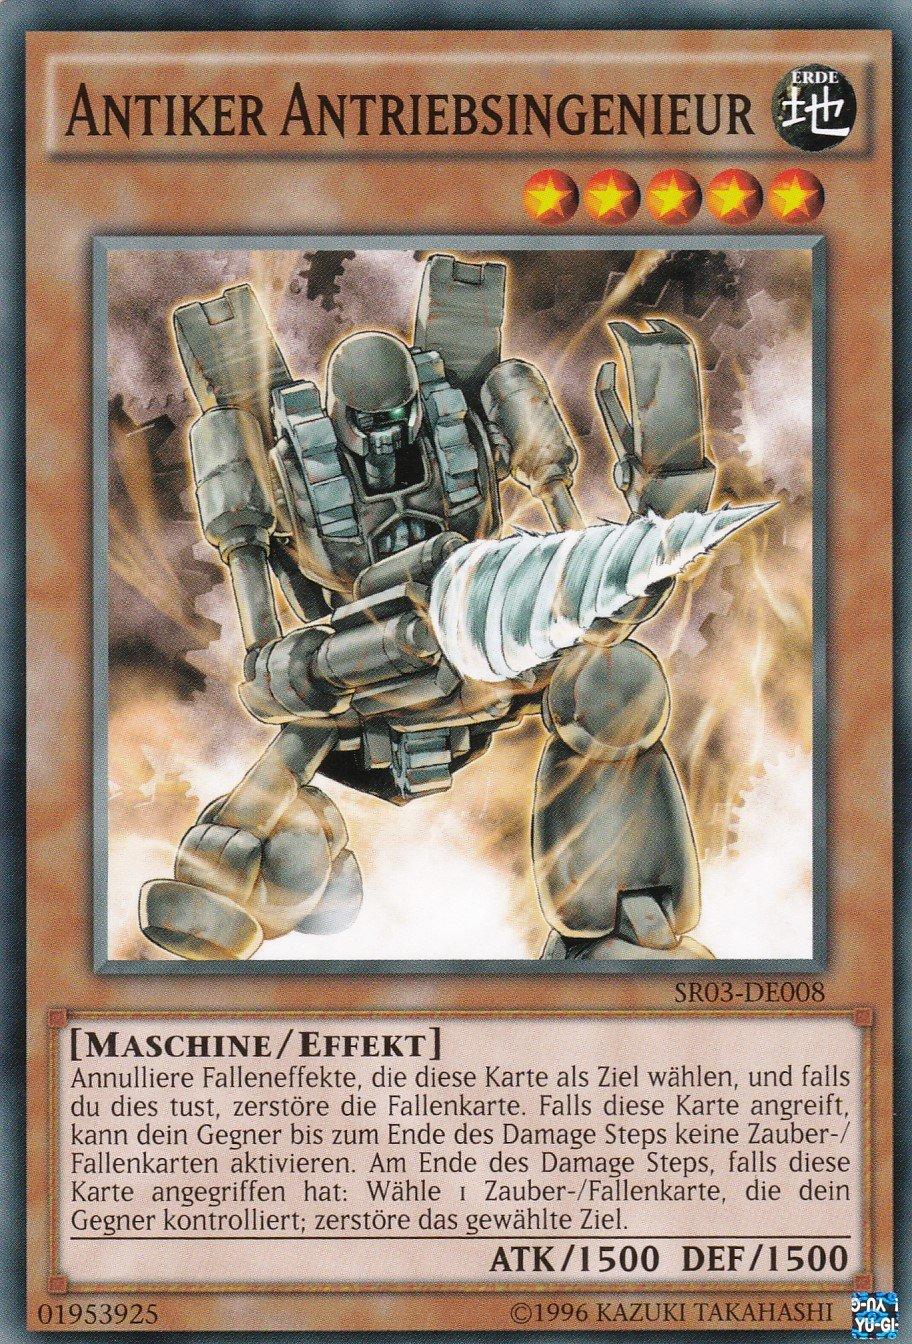 SR03-DE001 Auflage Yu-Gi-Oh Antiker Antriebsreaktordrache Deutsch Ultra Rare 1